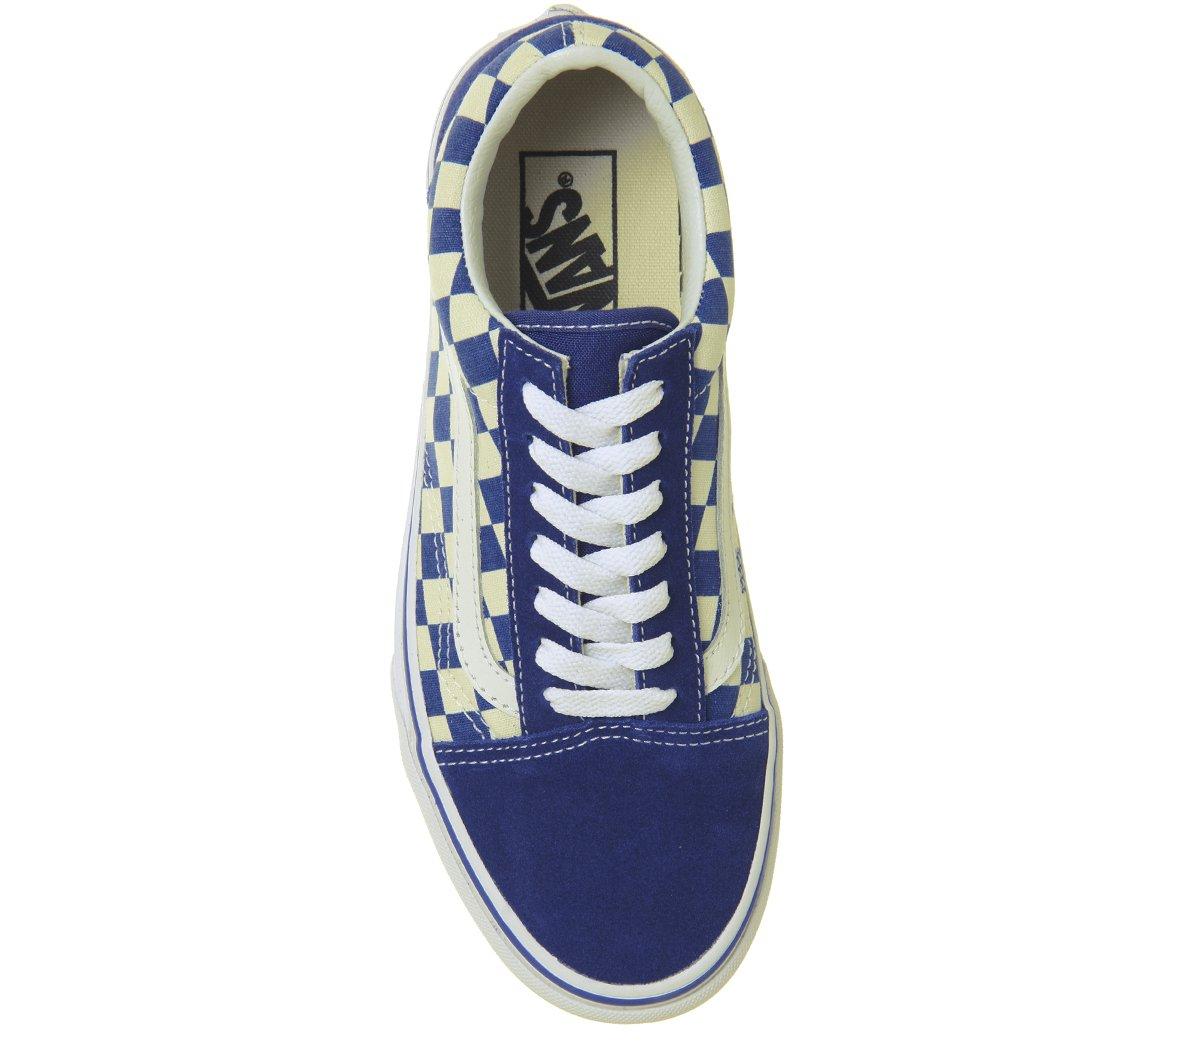 Vans Skool Herren UA Old Skool Vans Sneaker, Grau, 47 EU True Blau Classic Weiß Checkerboard 968daf